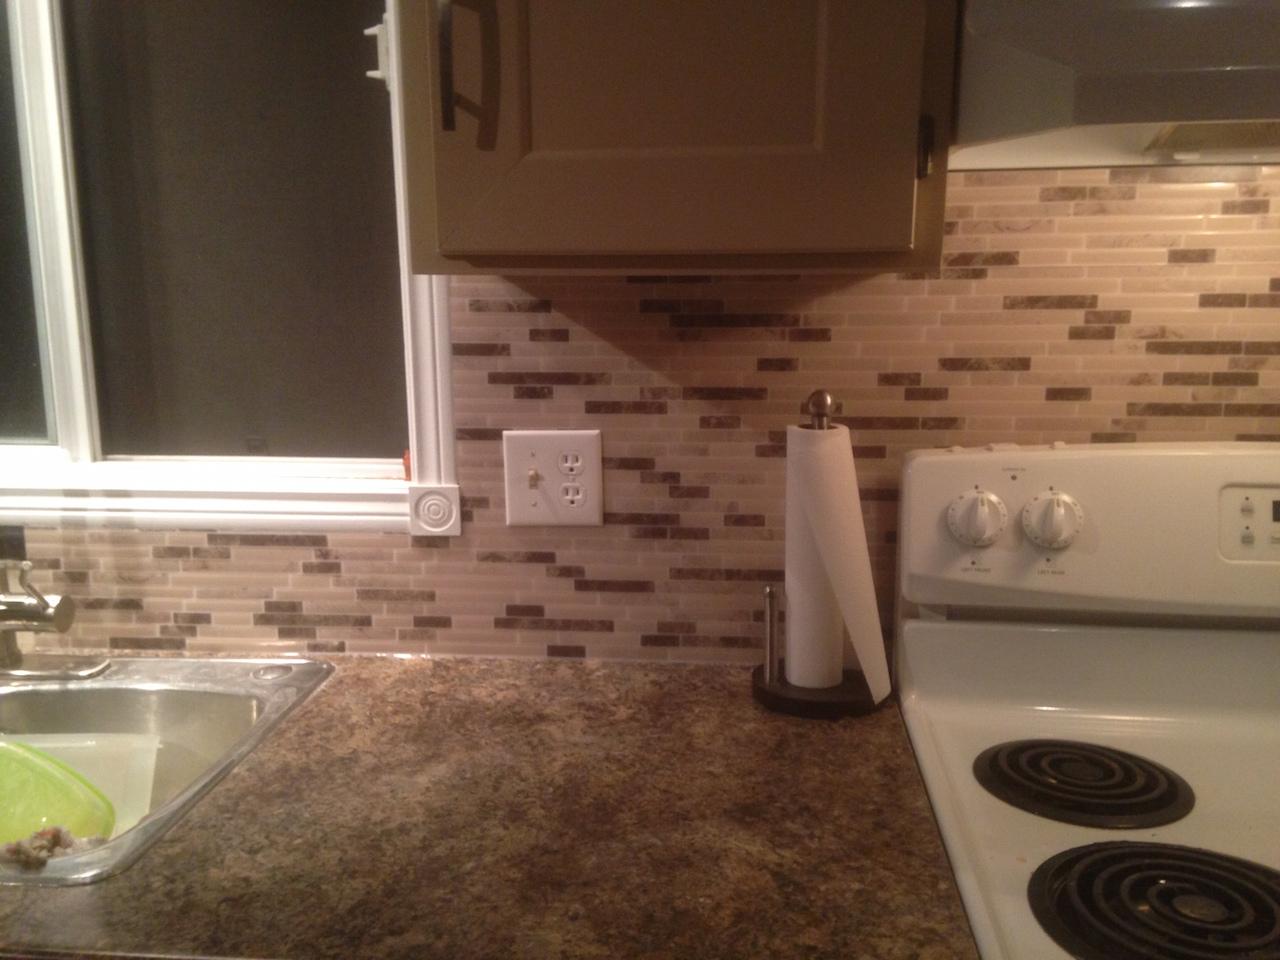 Tile backsplash without grout